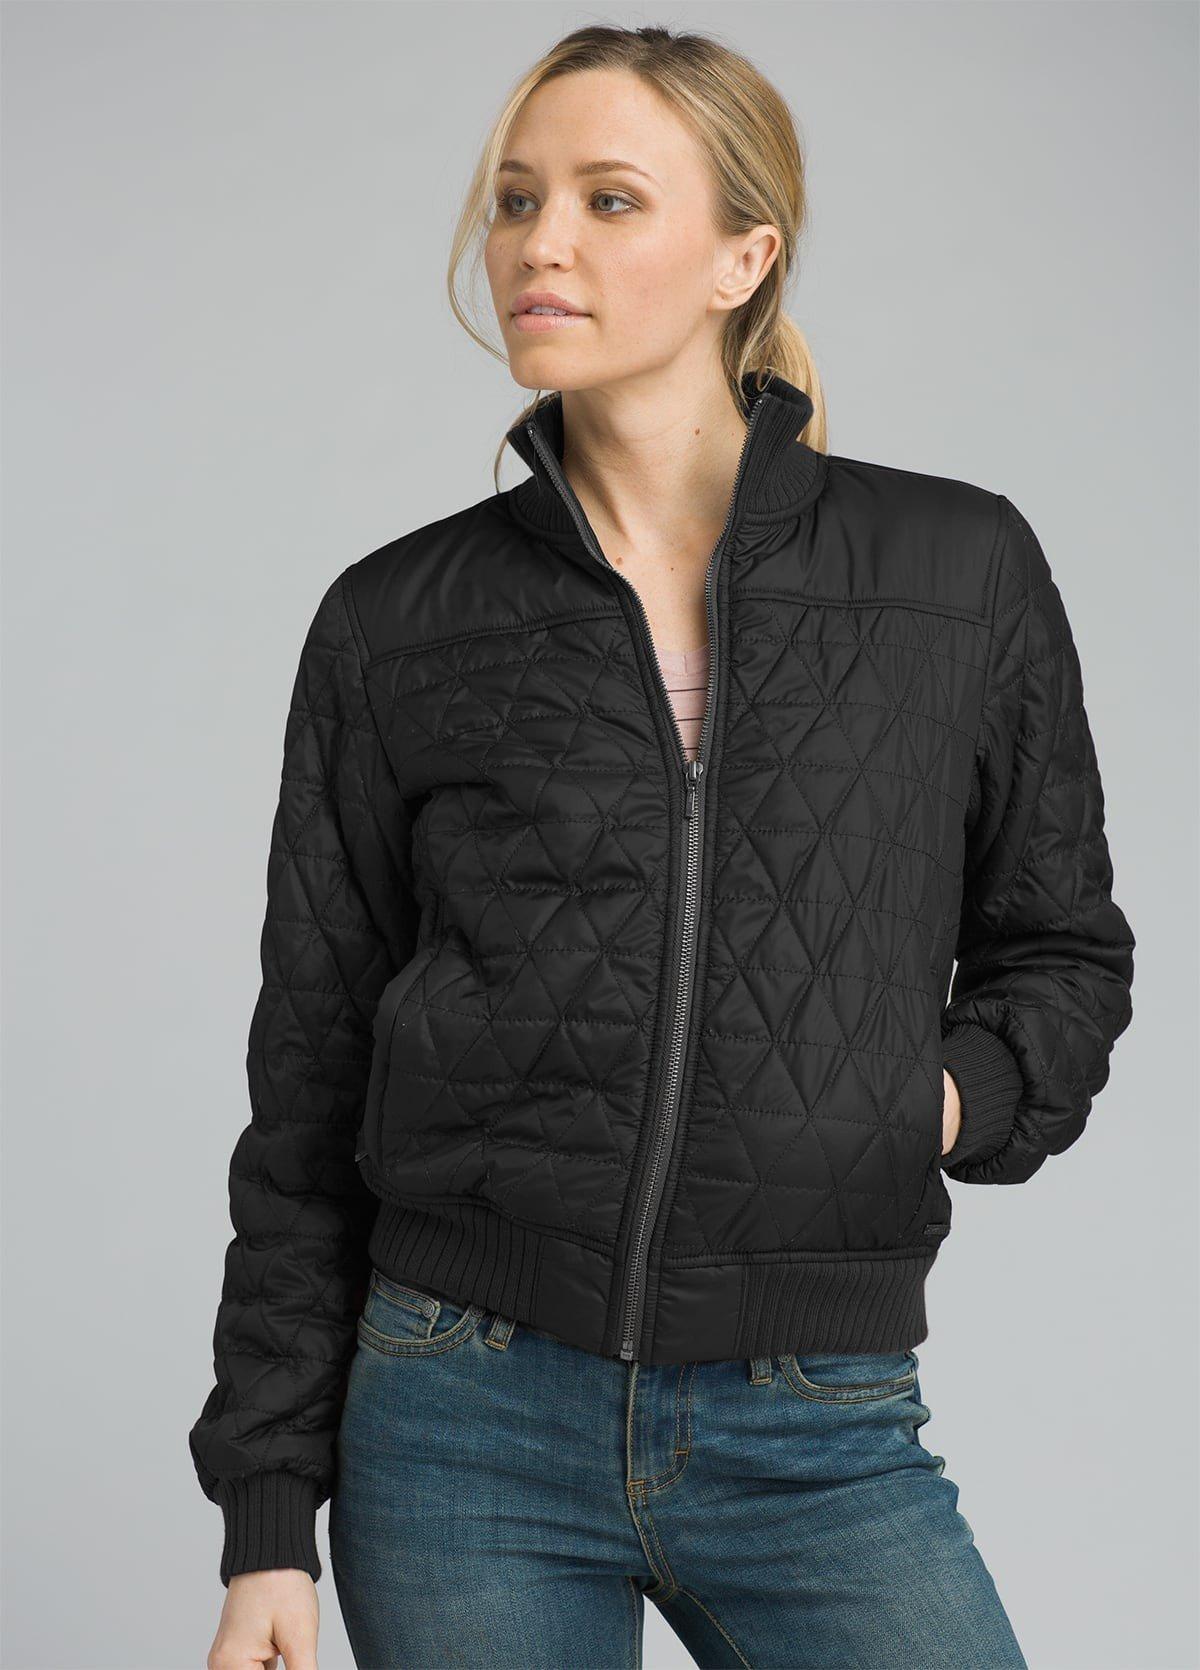 prAna Diva Bomber Jacket